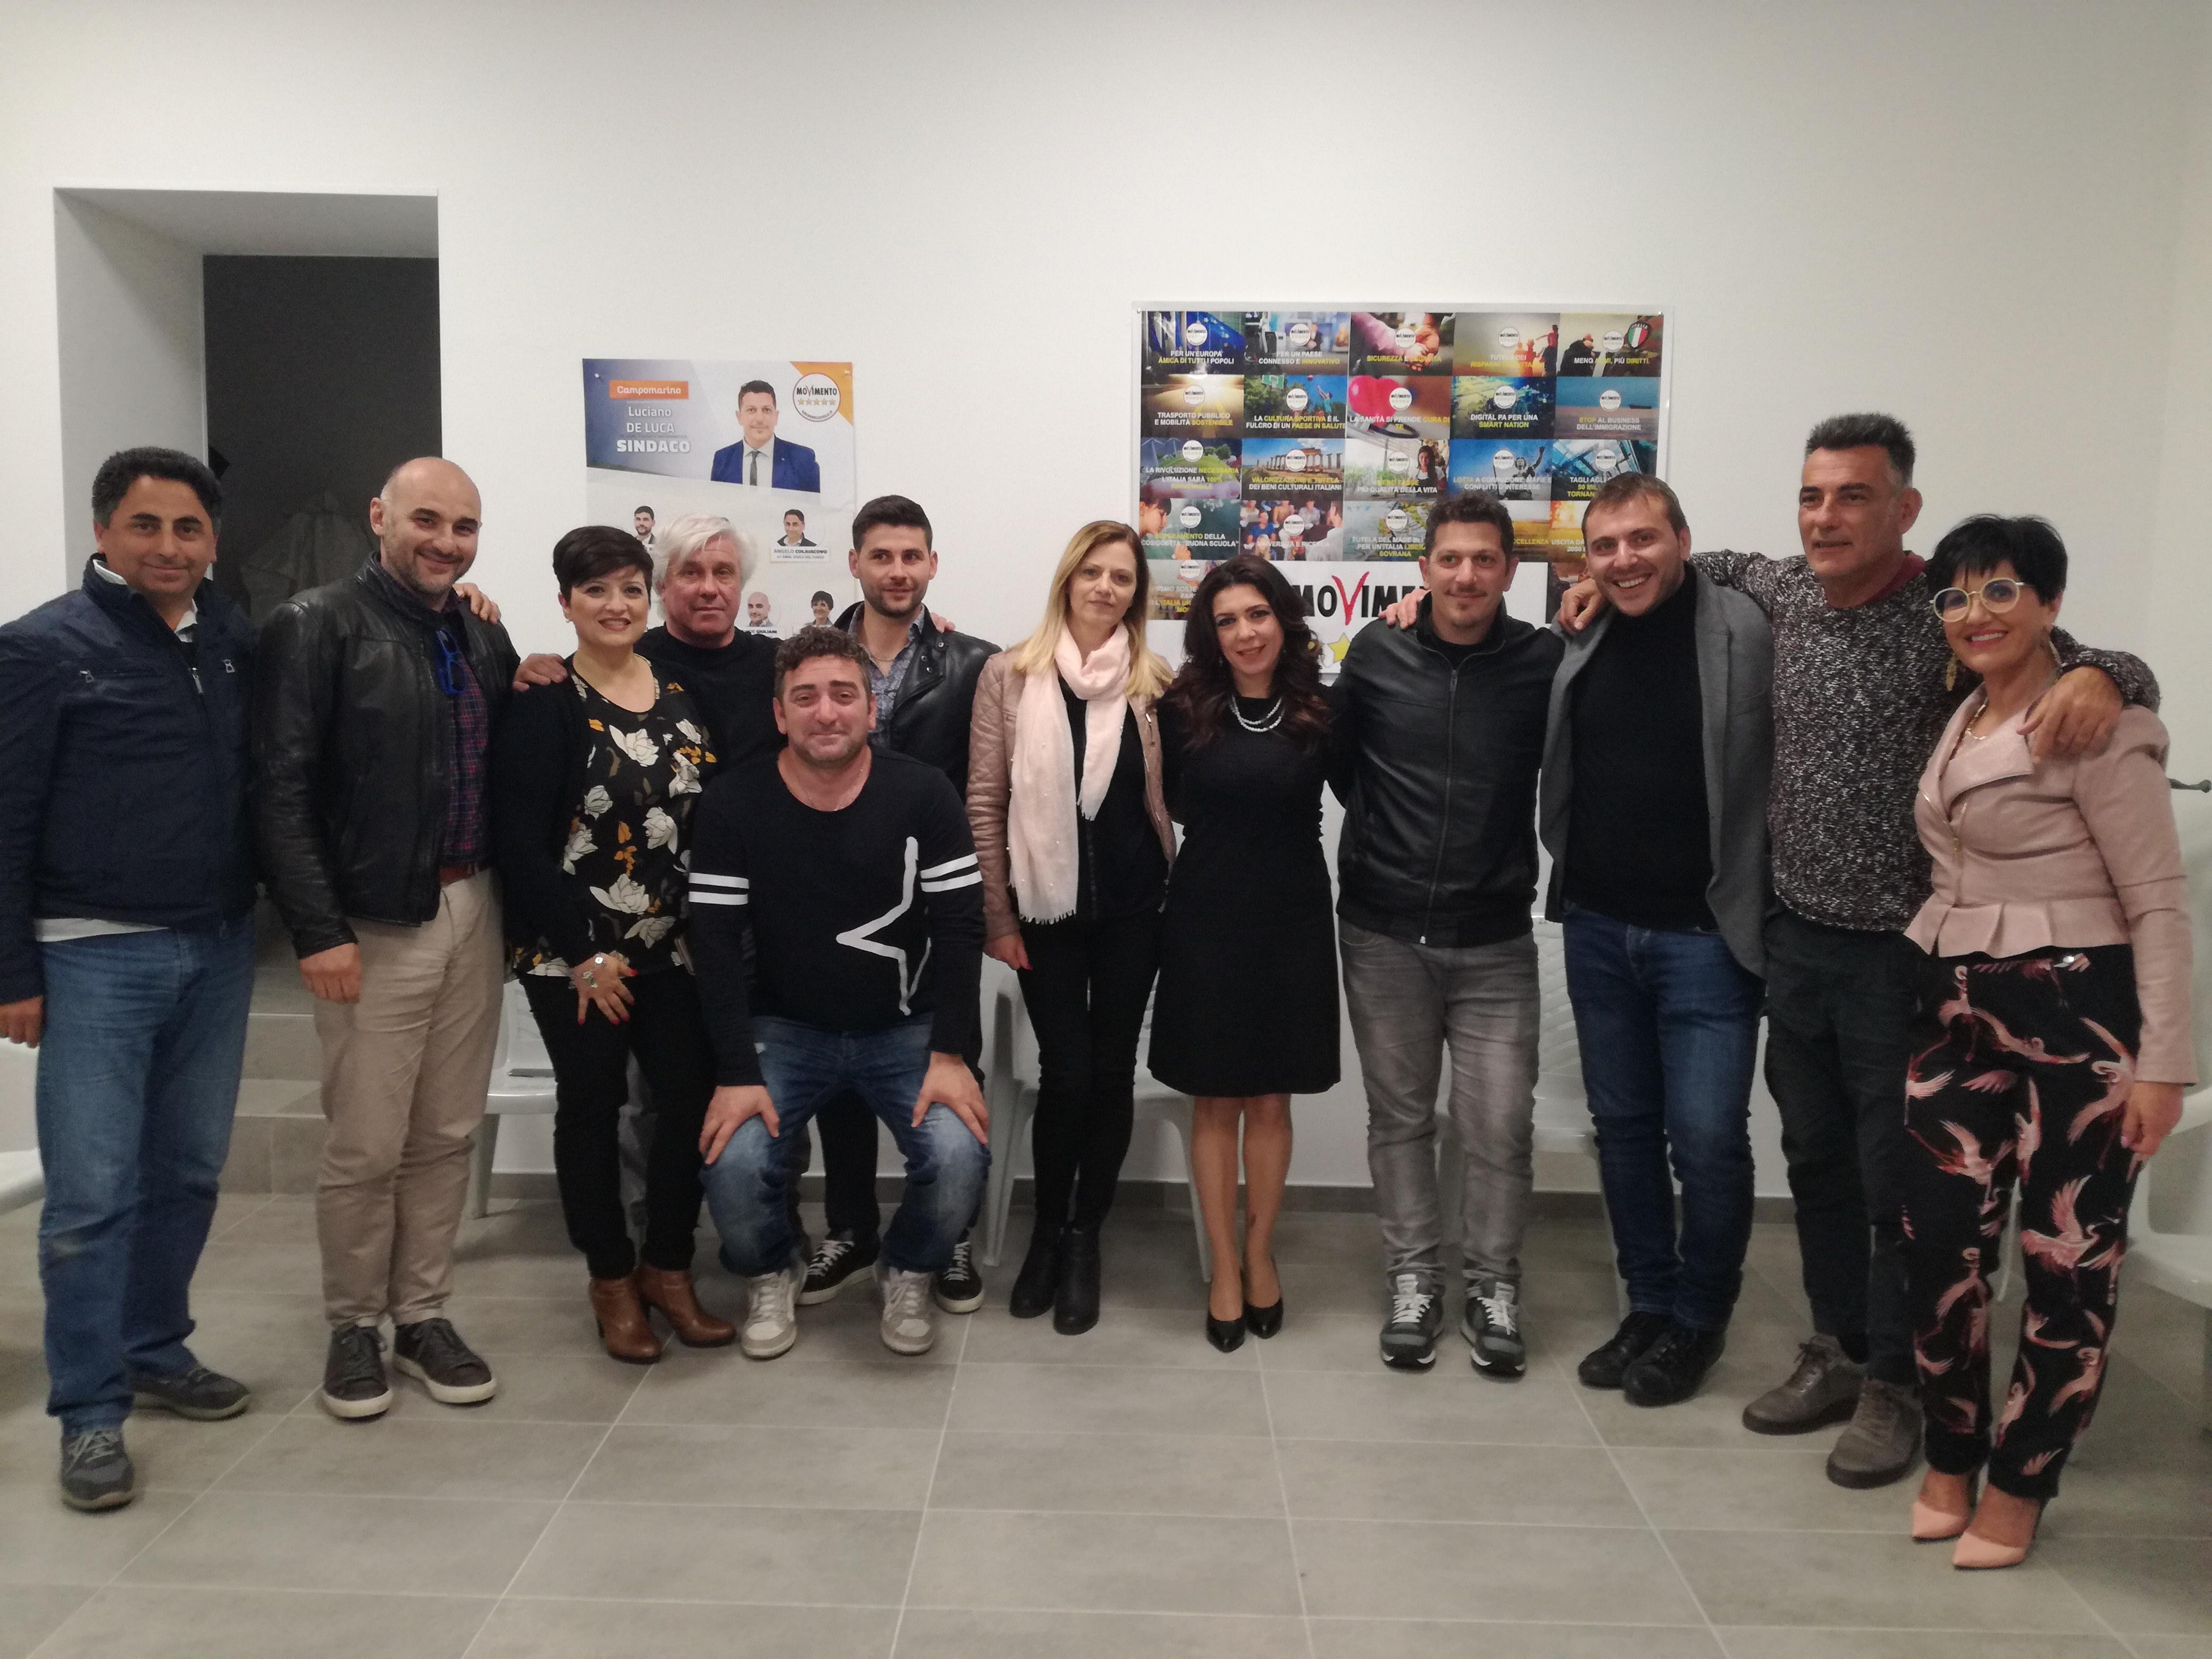 Campomarino: Testamento e Primiani incontrano il candidato sindaco De Luca e le associazioni.